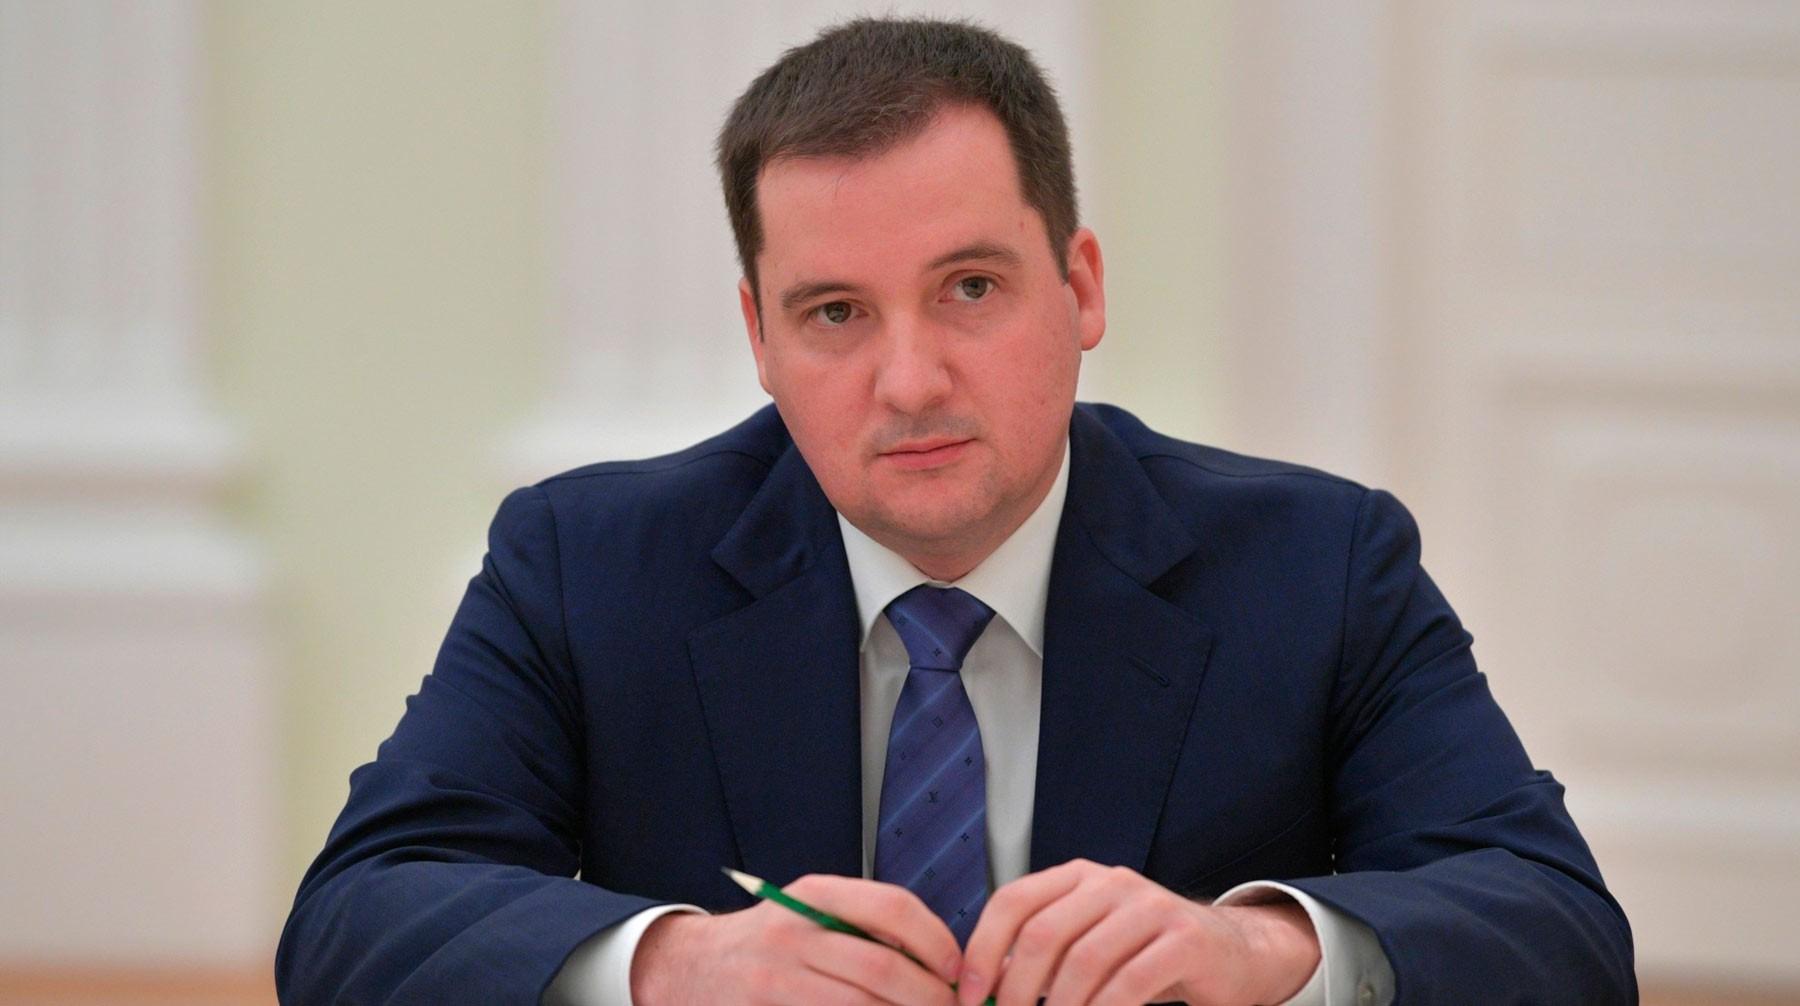 РБК: 13 мая власти Архангельской области и НАО объявят об объединении регионов